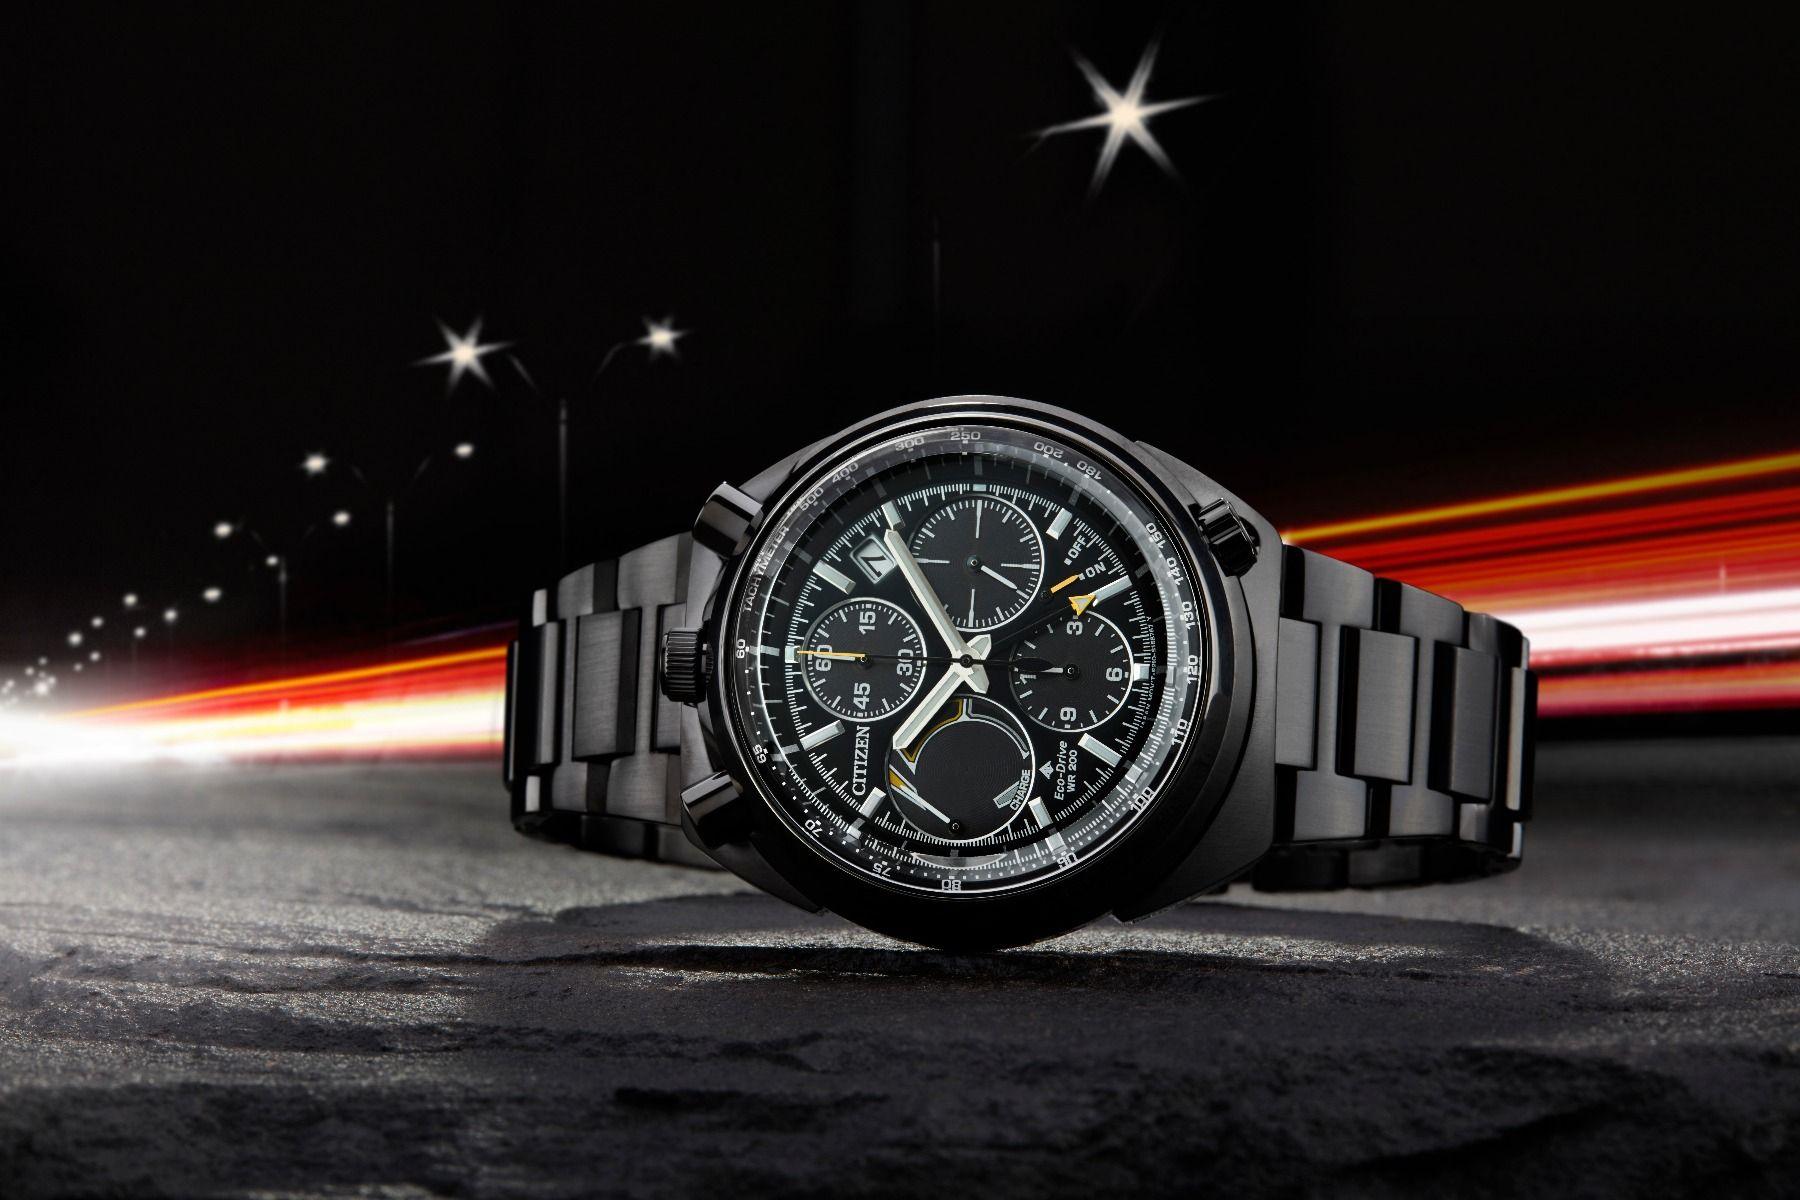 Limitowany, męski zegarek Citizen AV0075-70E Bullhead 100th Anniversary Limited Edition z tarczą w czarnym kolorze. Subtarcze na tarczy są również w czarnym kolorze ozdobione złotymi akcentami. Datownik jest w białym kolorze pomiędzy godziną drugą a trzecią.